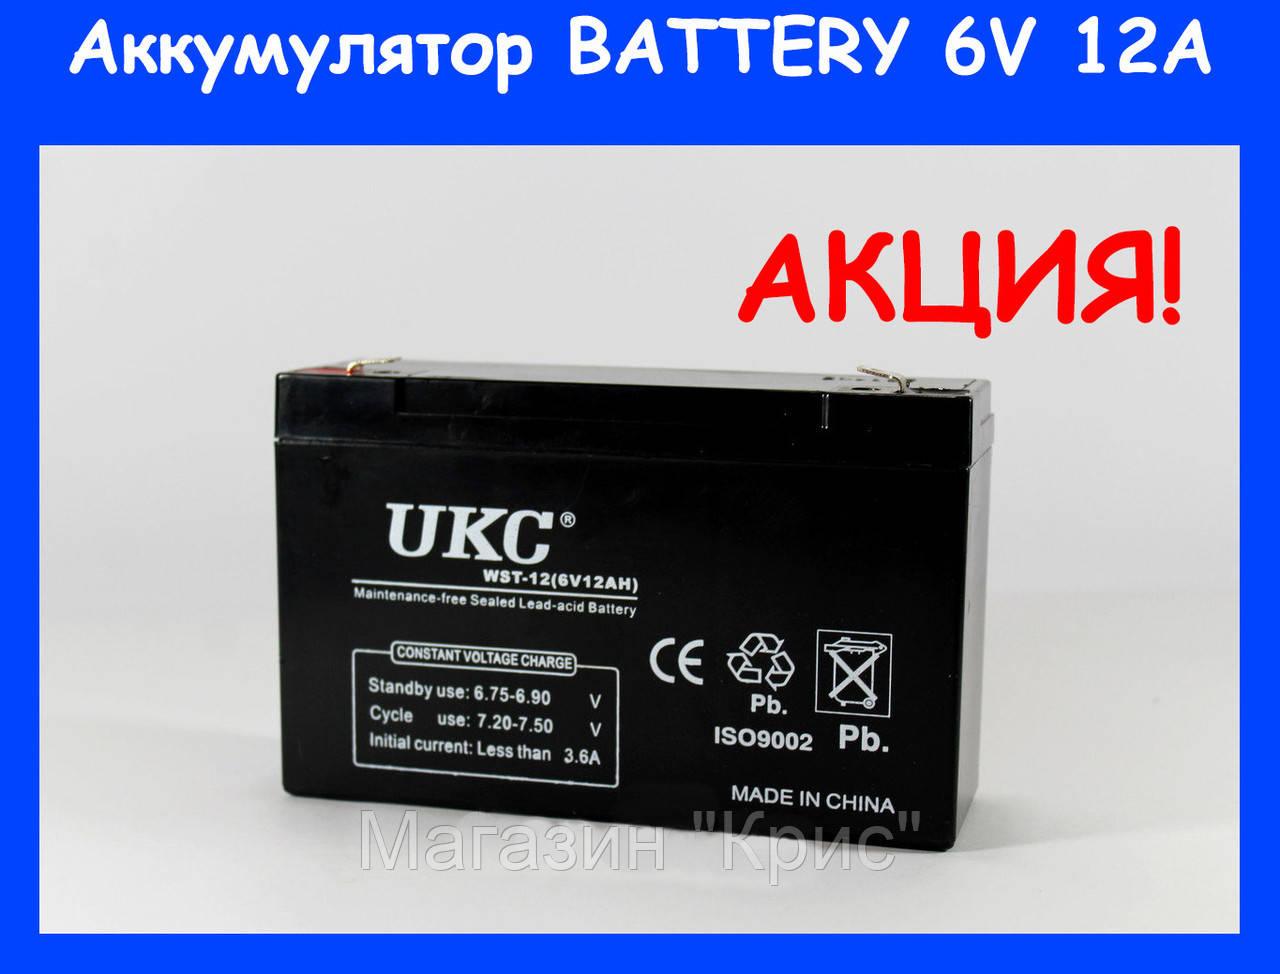 Аккумулятор BATTERY 6V 12A UKC!Акция